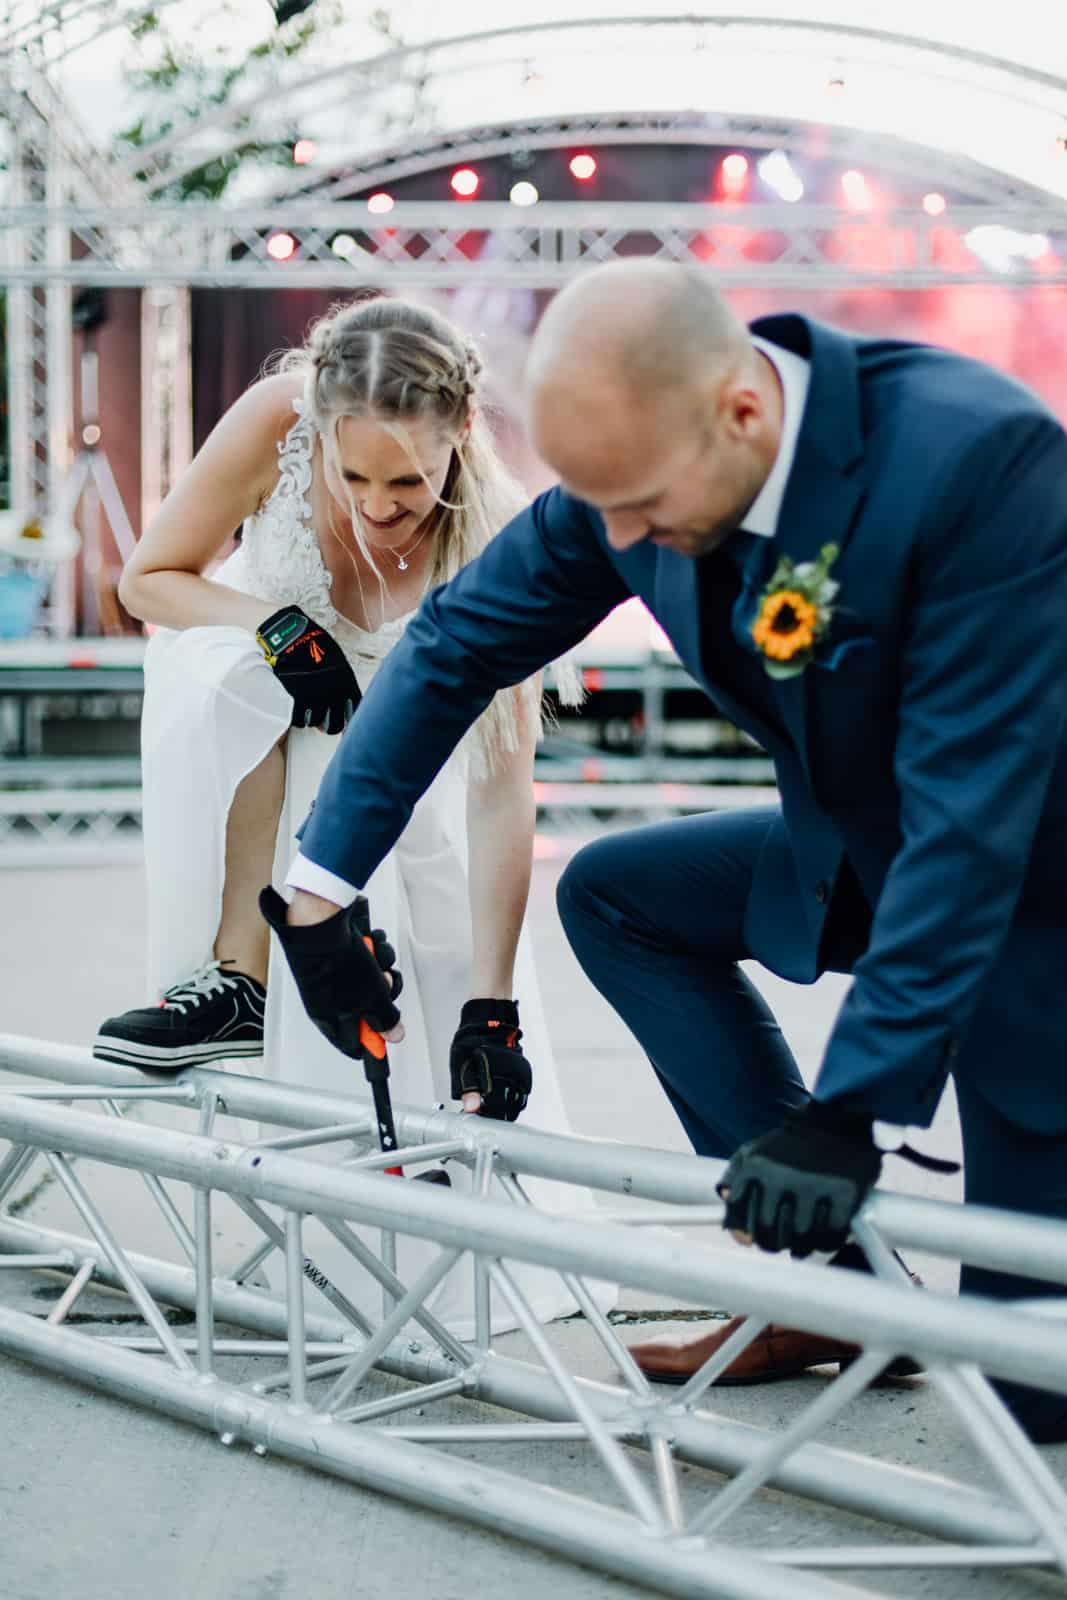 Braut steht mit einem Fuß auf einer Traverse während ihr Bräutigam eine Traverse freidengelt.